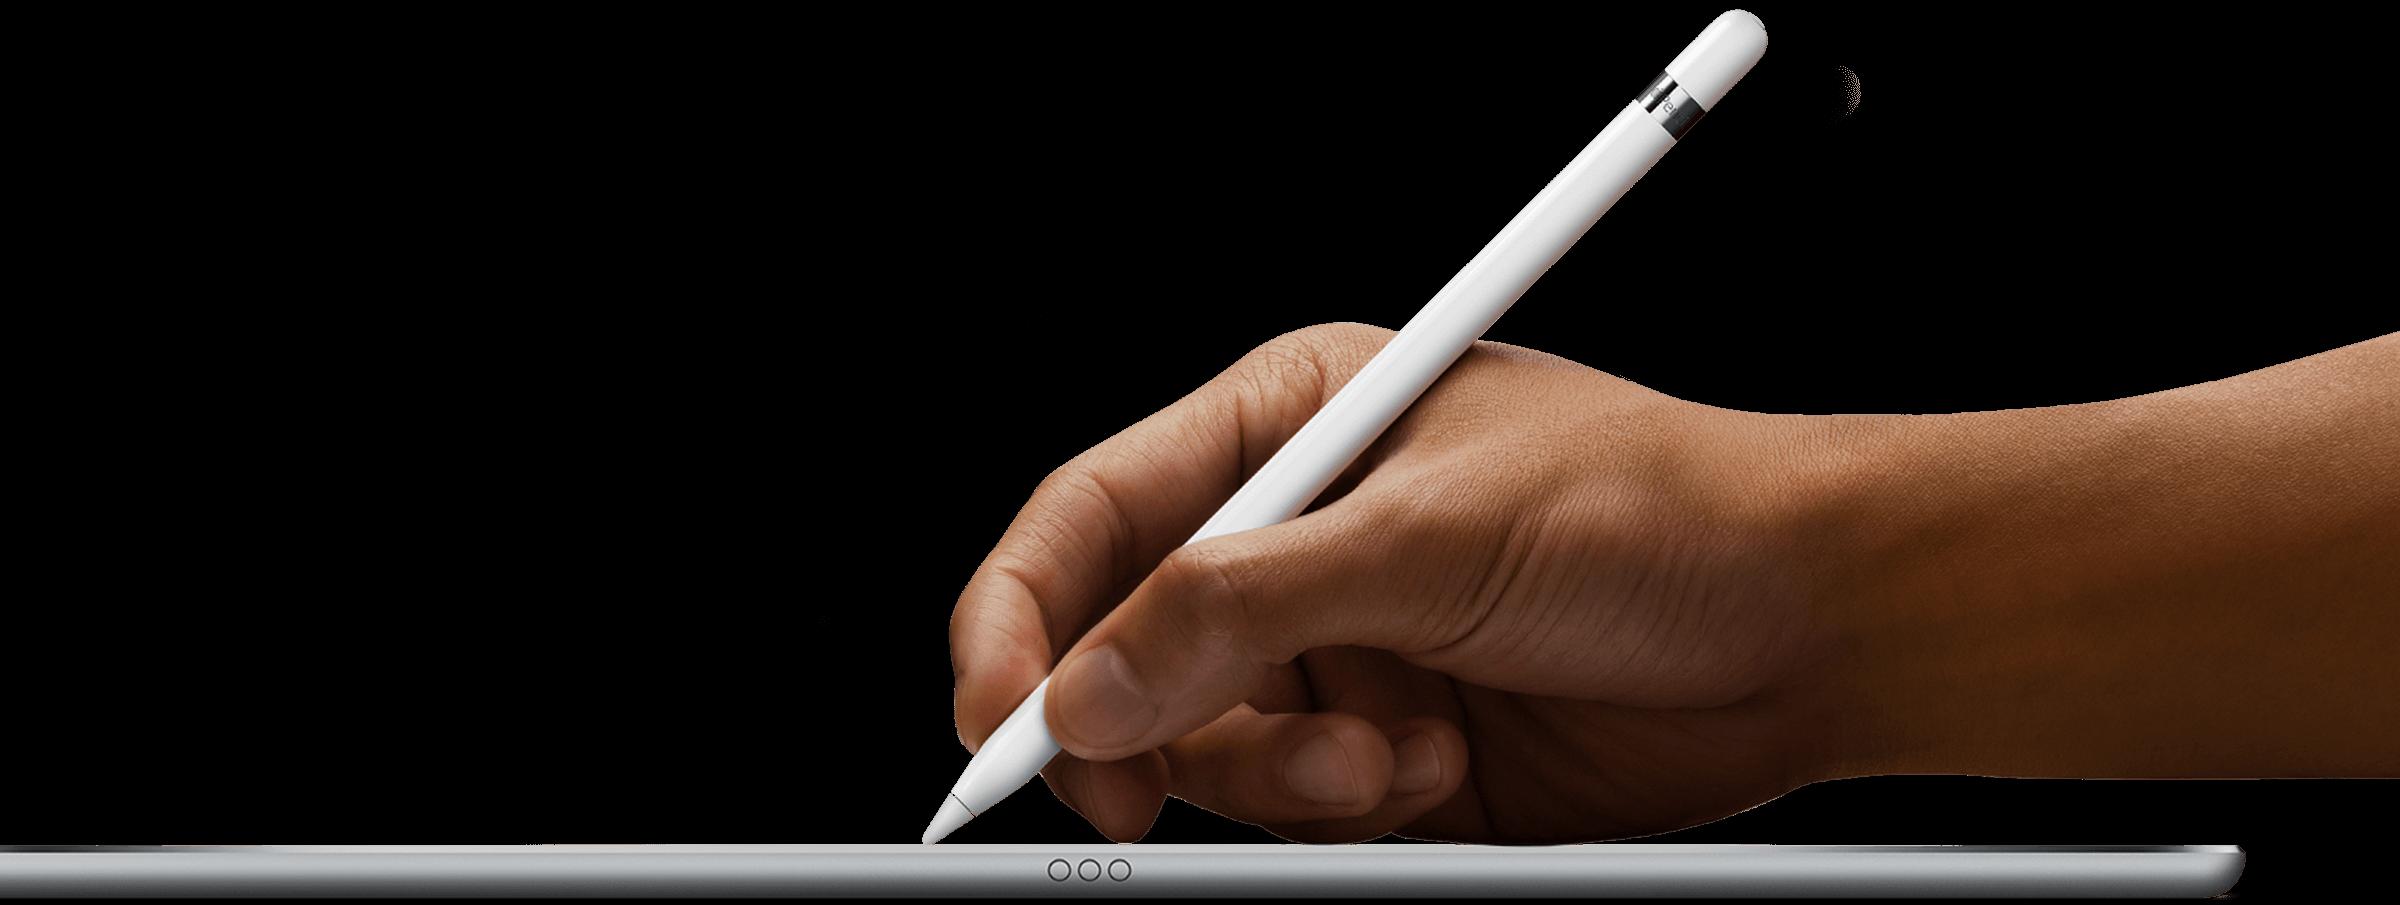 Bemutatkozik az Apple Pencil az iPad Pro társa